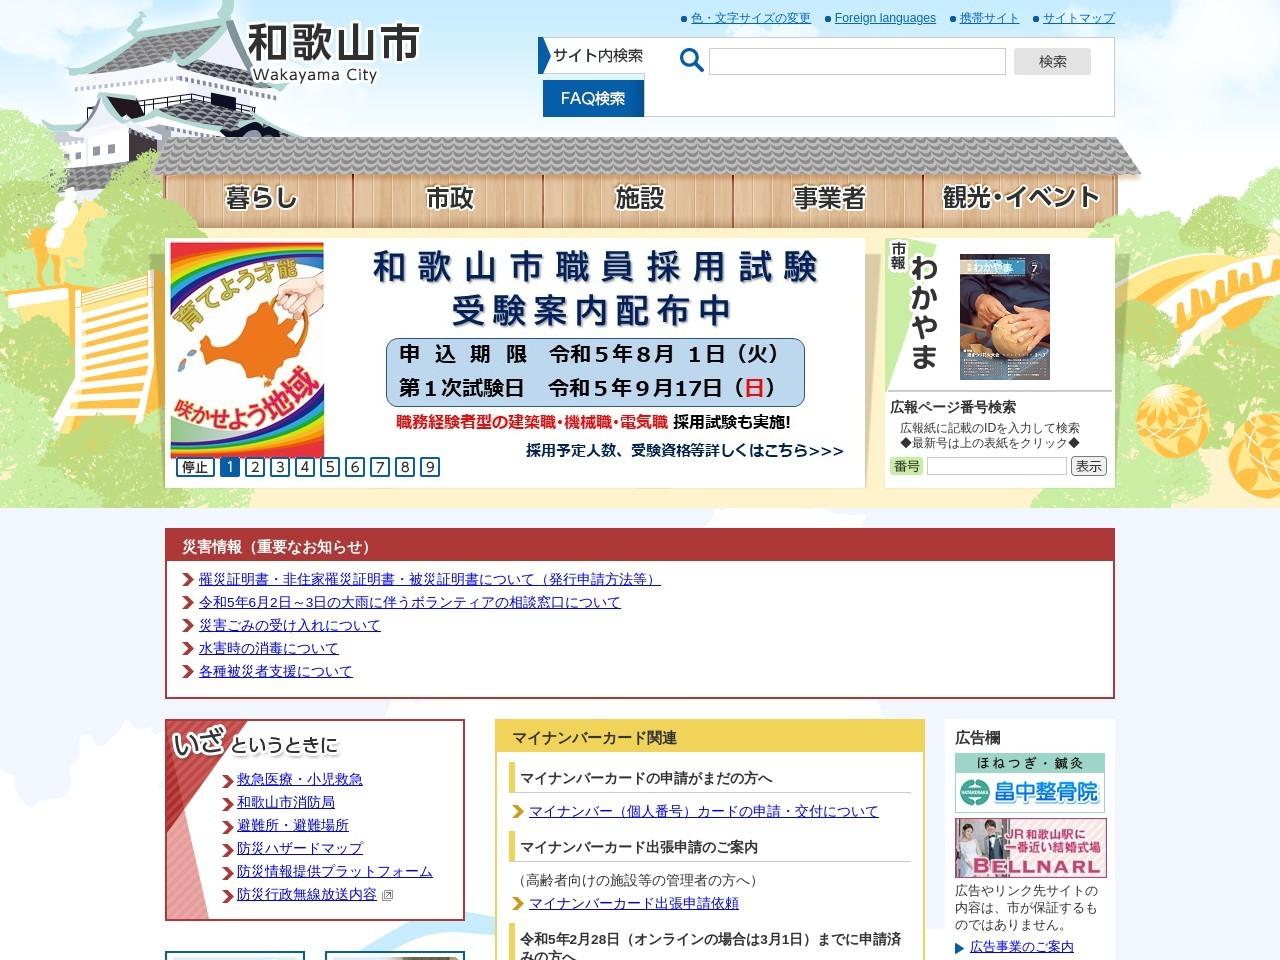 http://www.city.wakayama.wakayama.jp/menu_1/gyousei/wakayama_siro/osiro/riyou-annai/riyou-annai.html#dobutuen